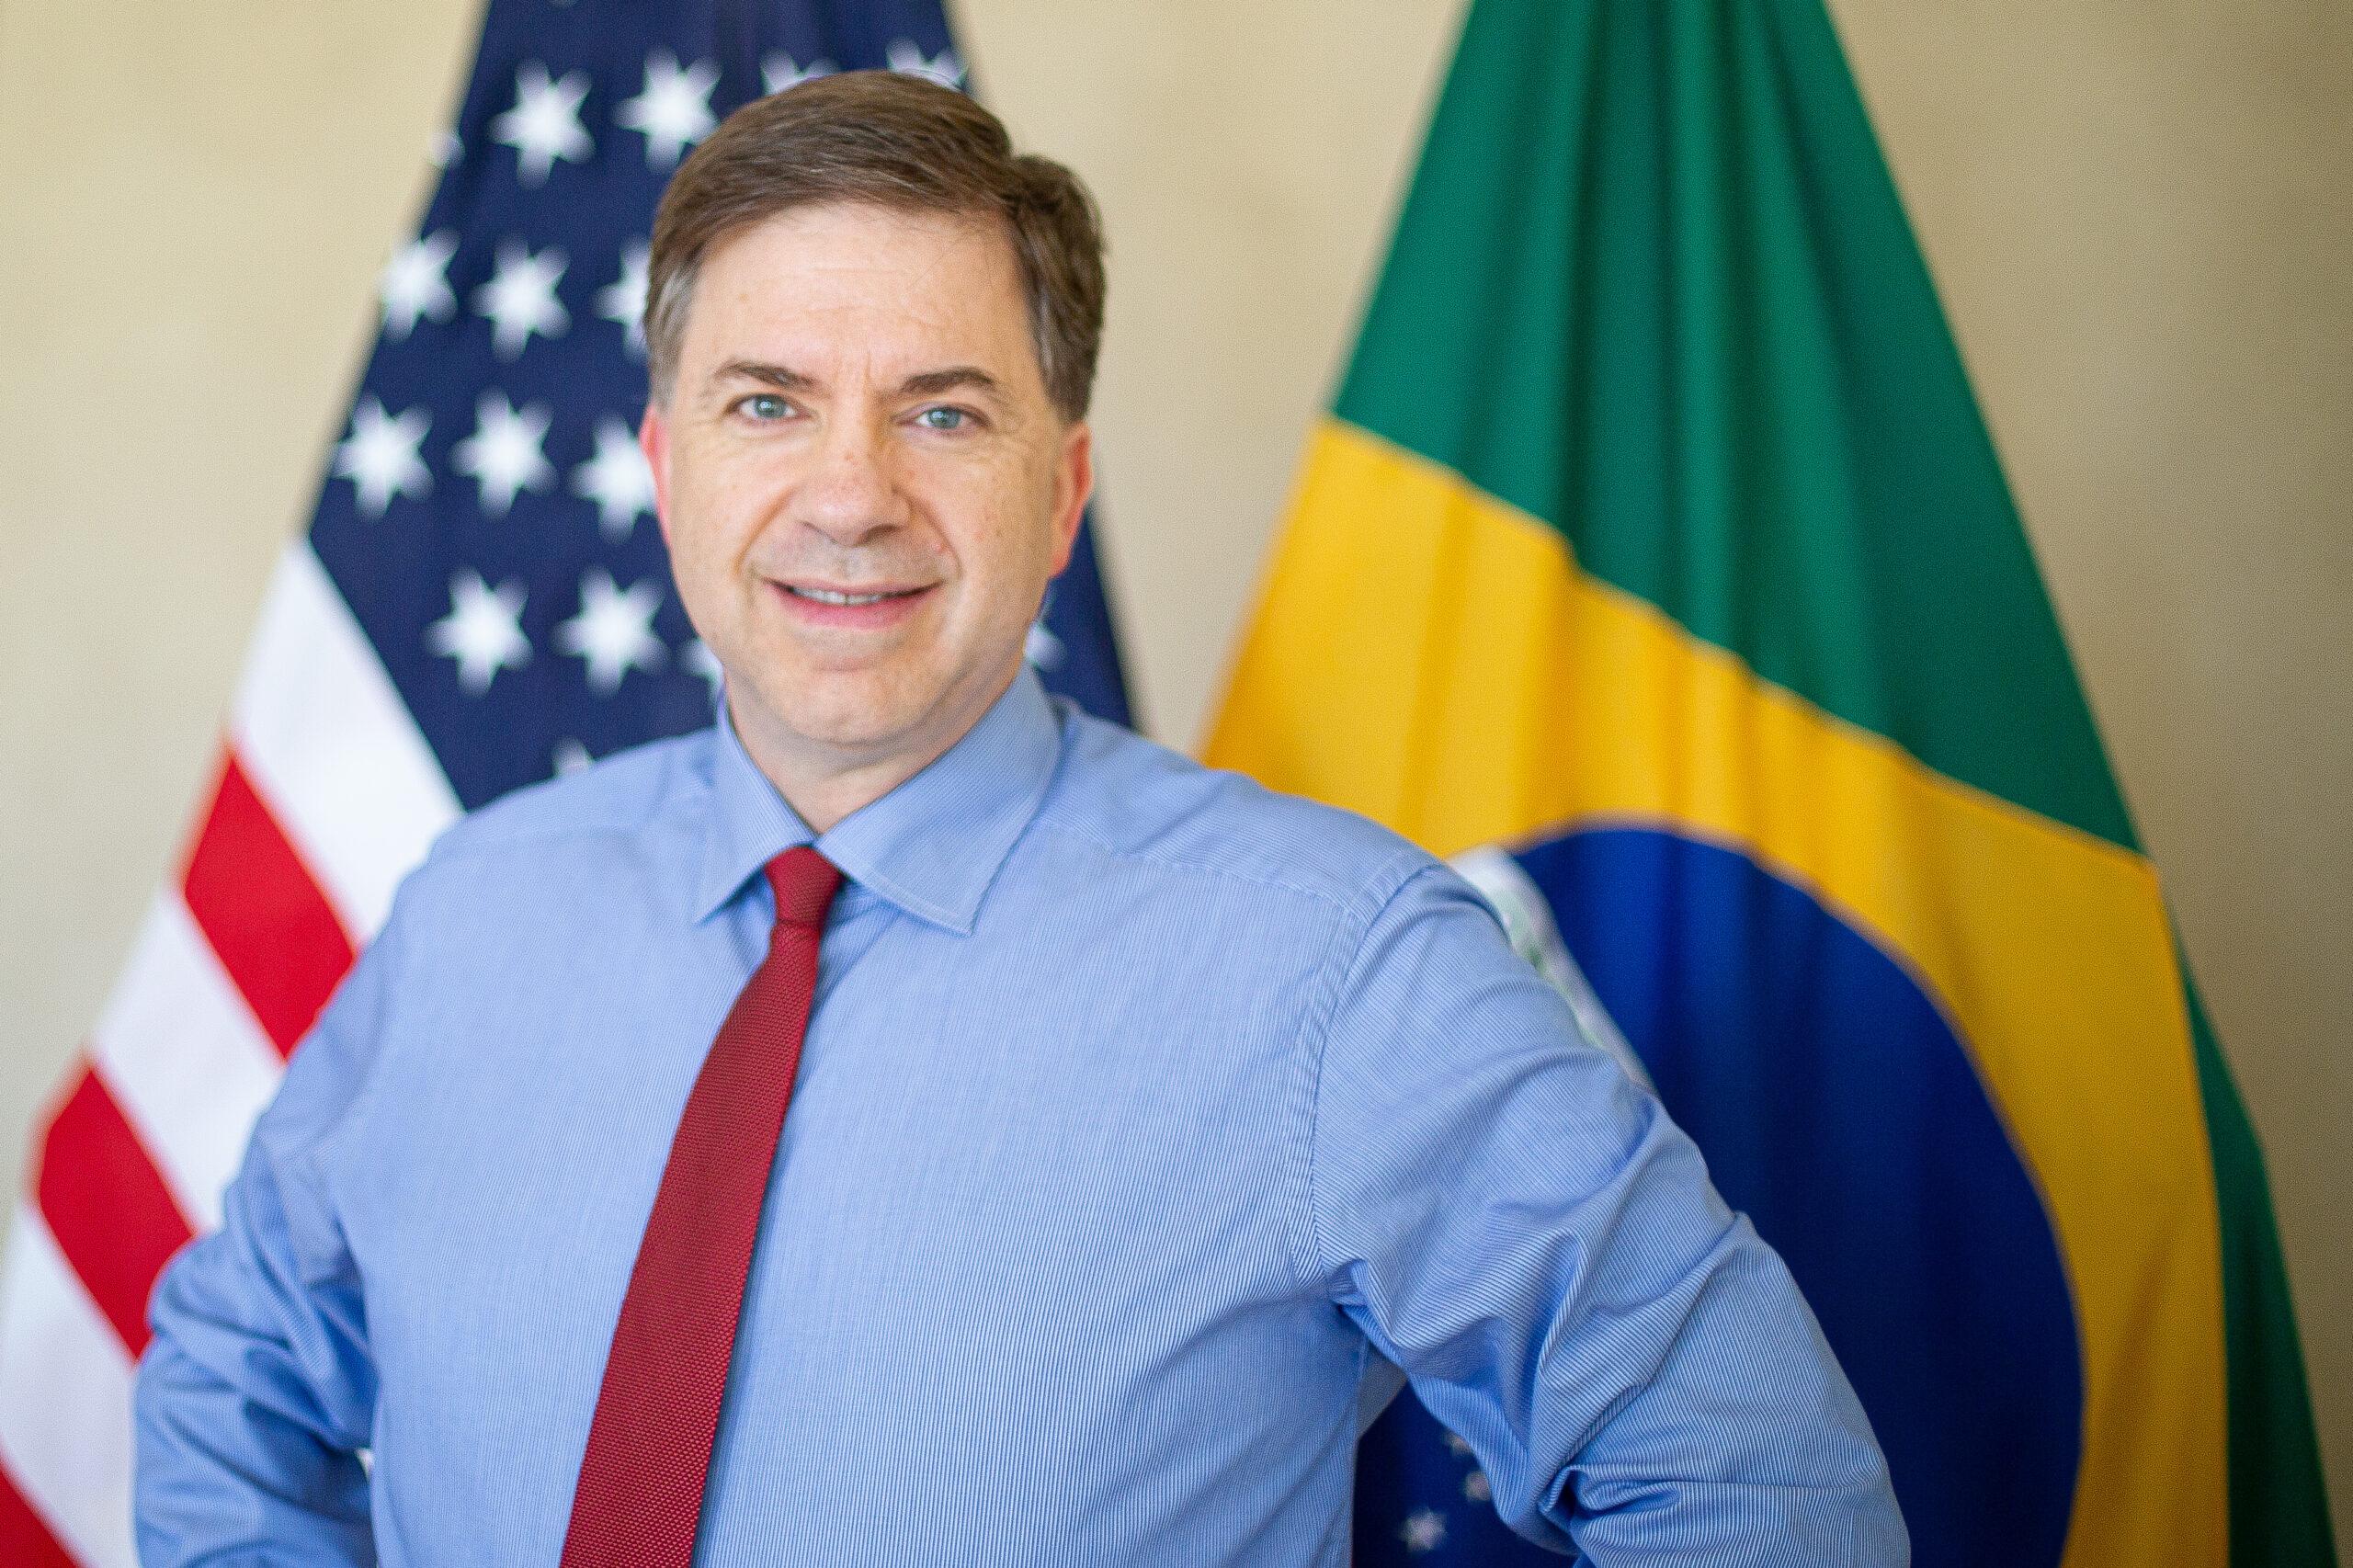 IMAGEM: Embaixador dos EUA no Brasil anuncia aposentadoria